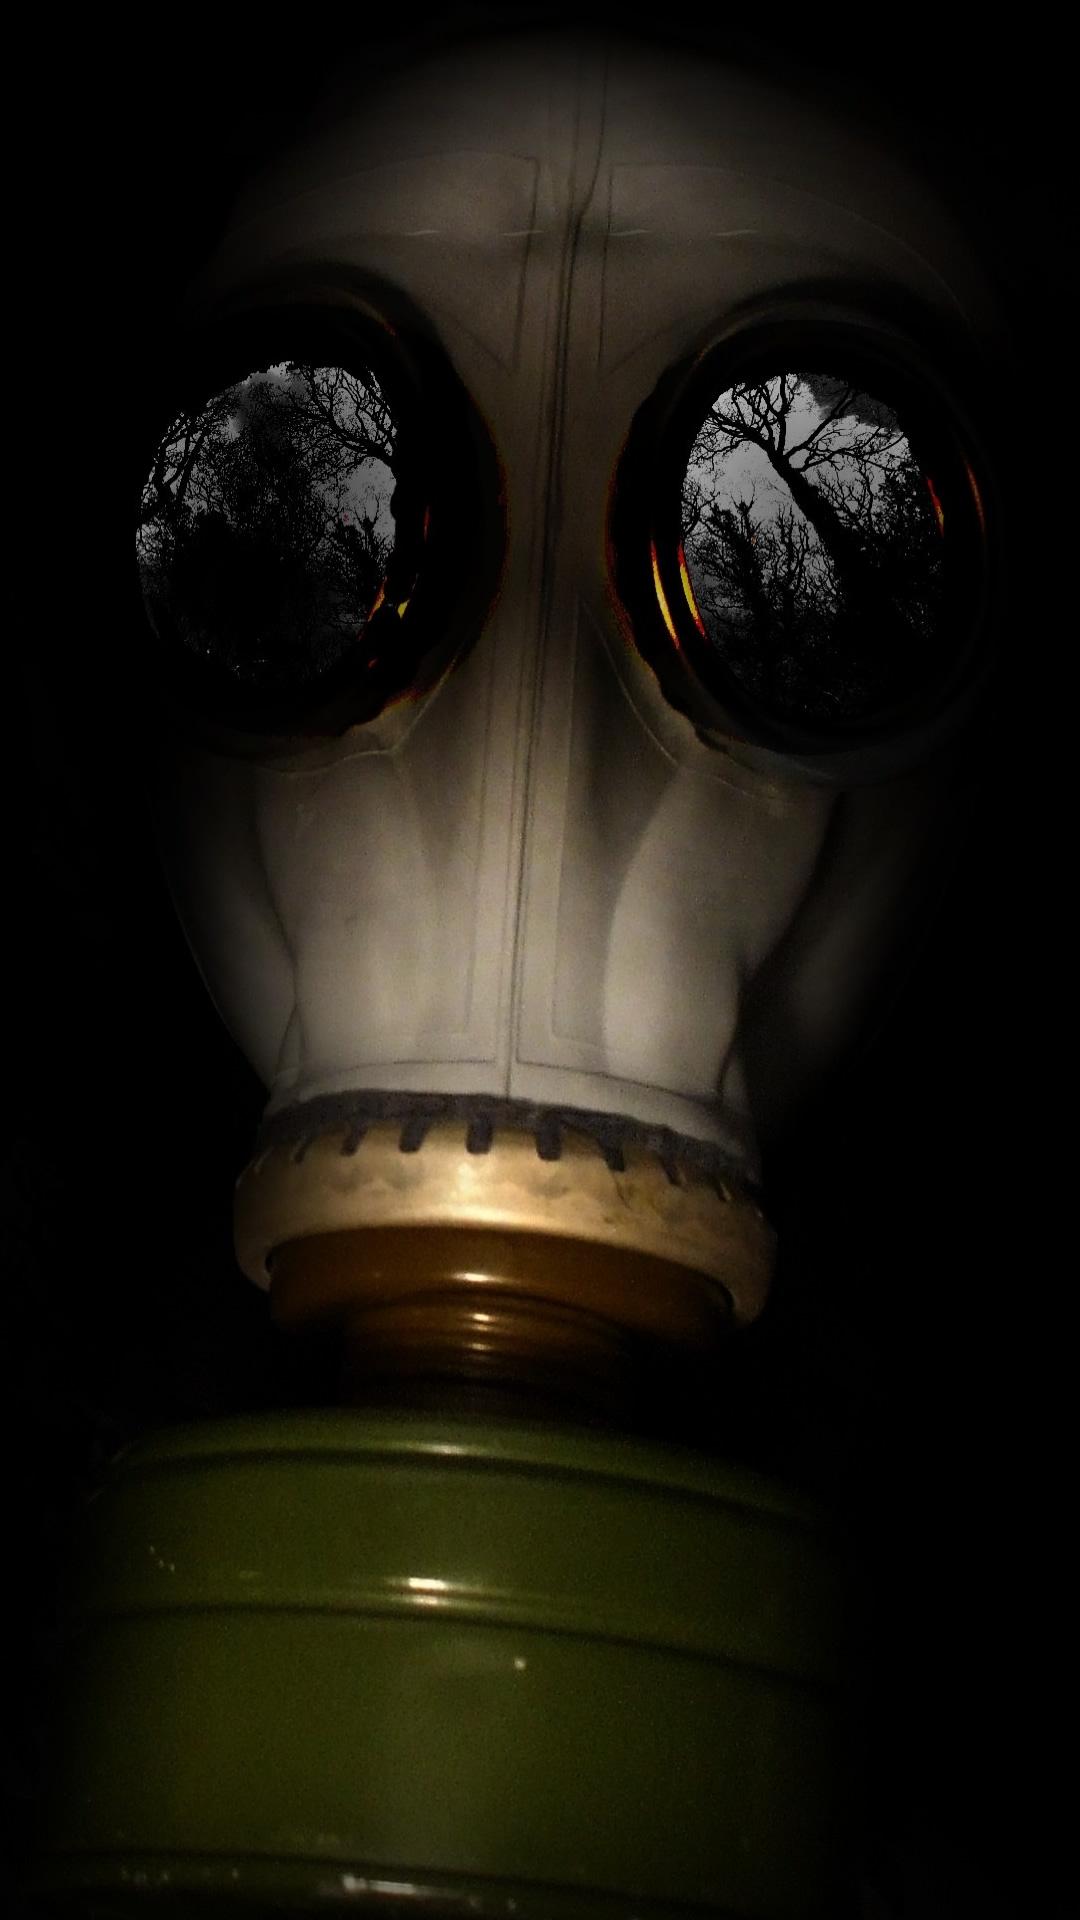 ガスマスクのiphone 7 Plus壁紙 1080 1920 Iphoneチーズ